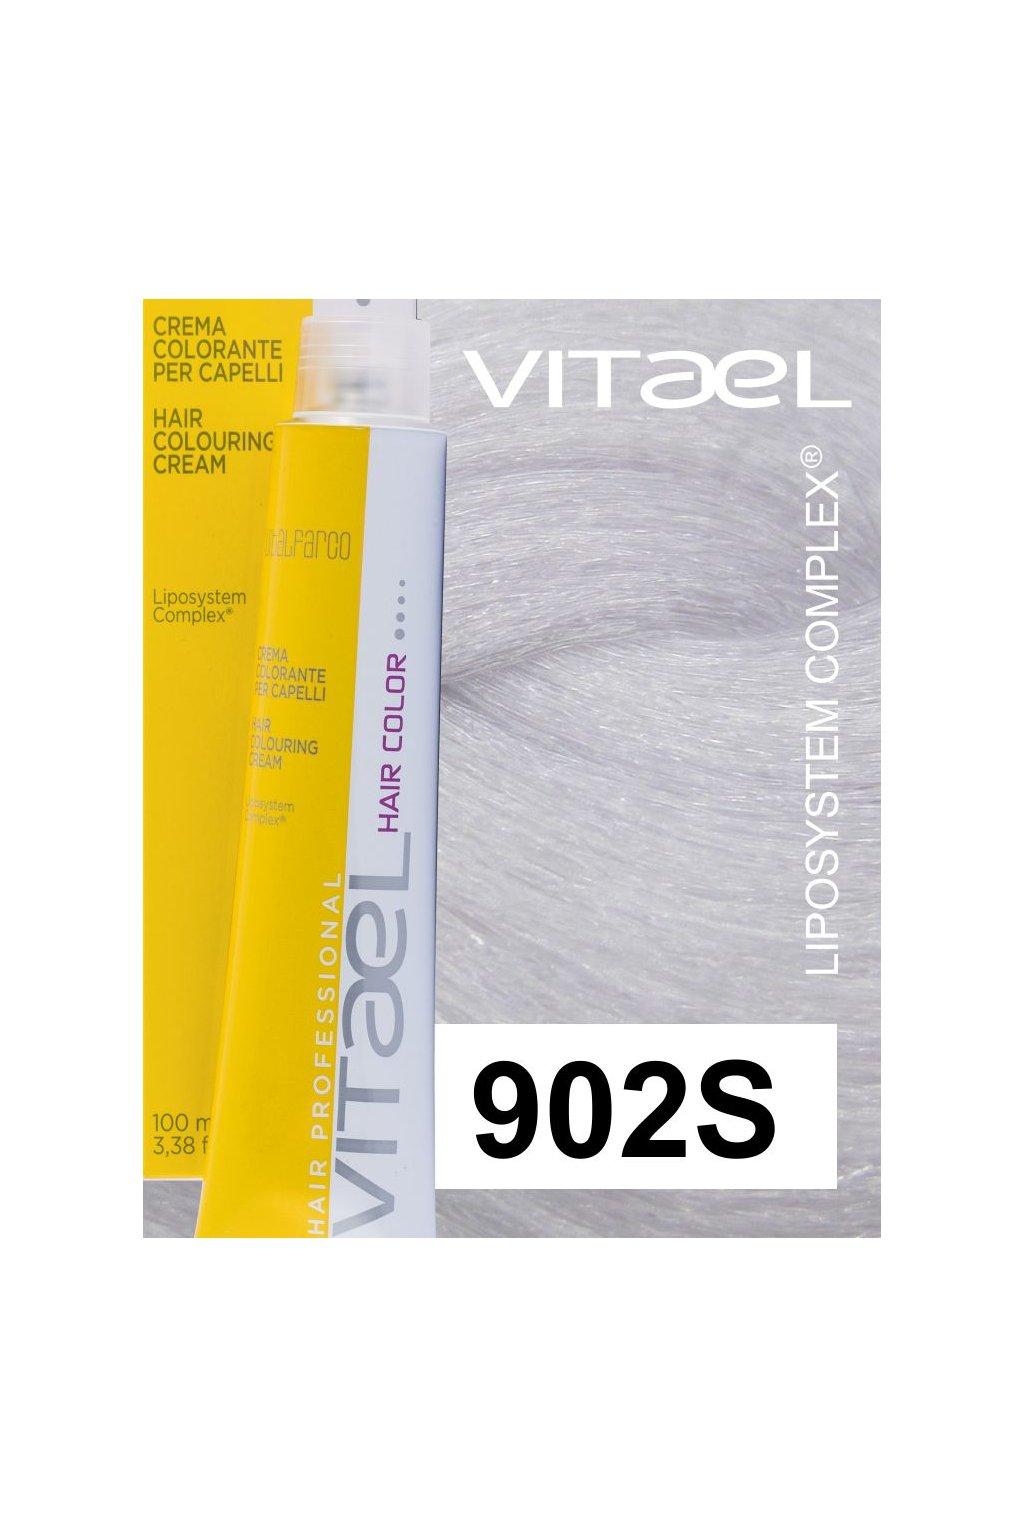 902s VIT